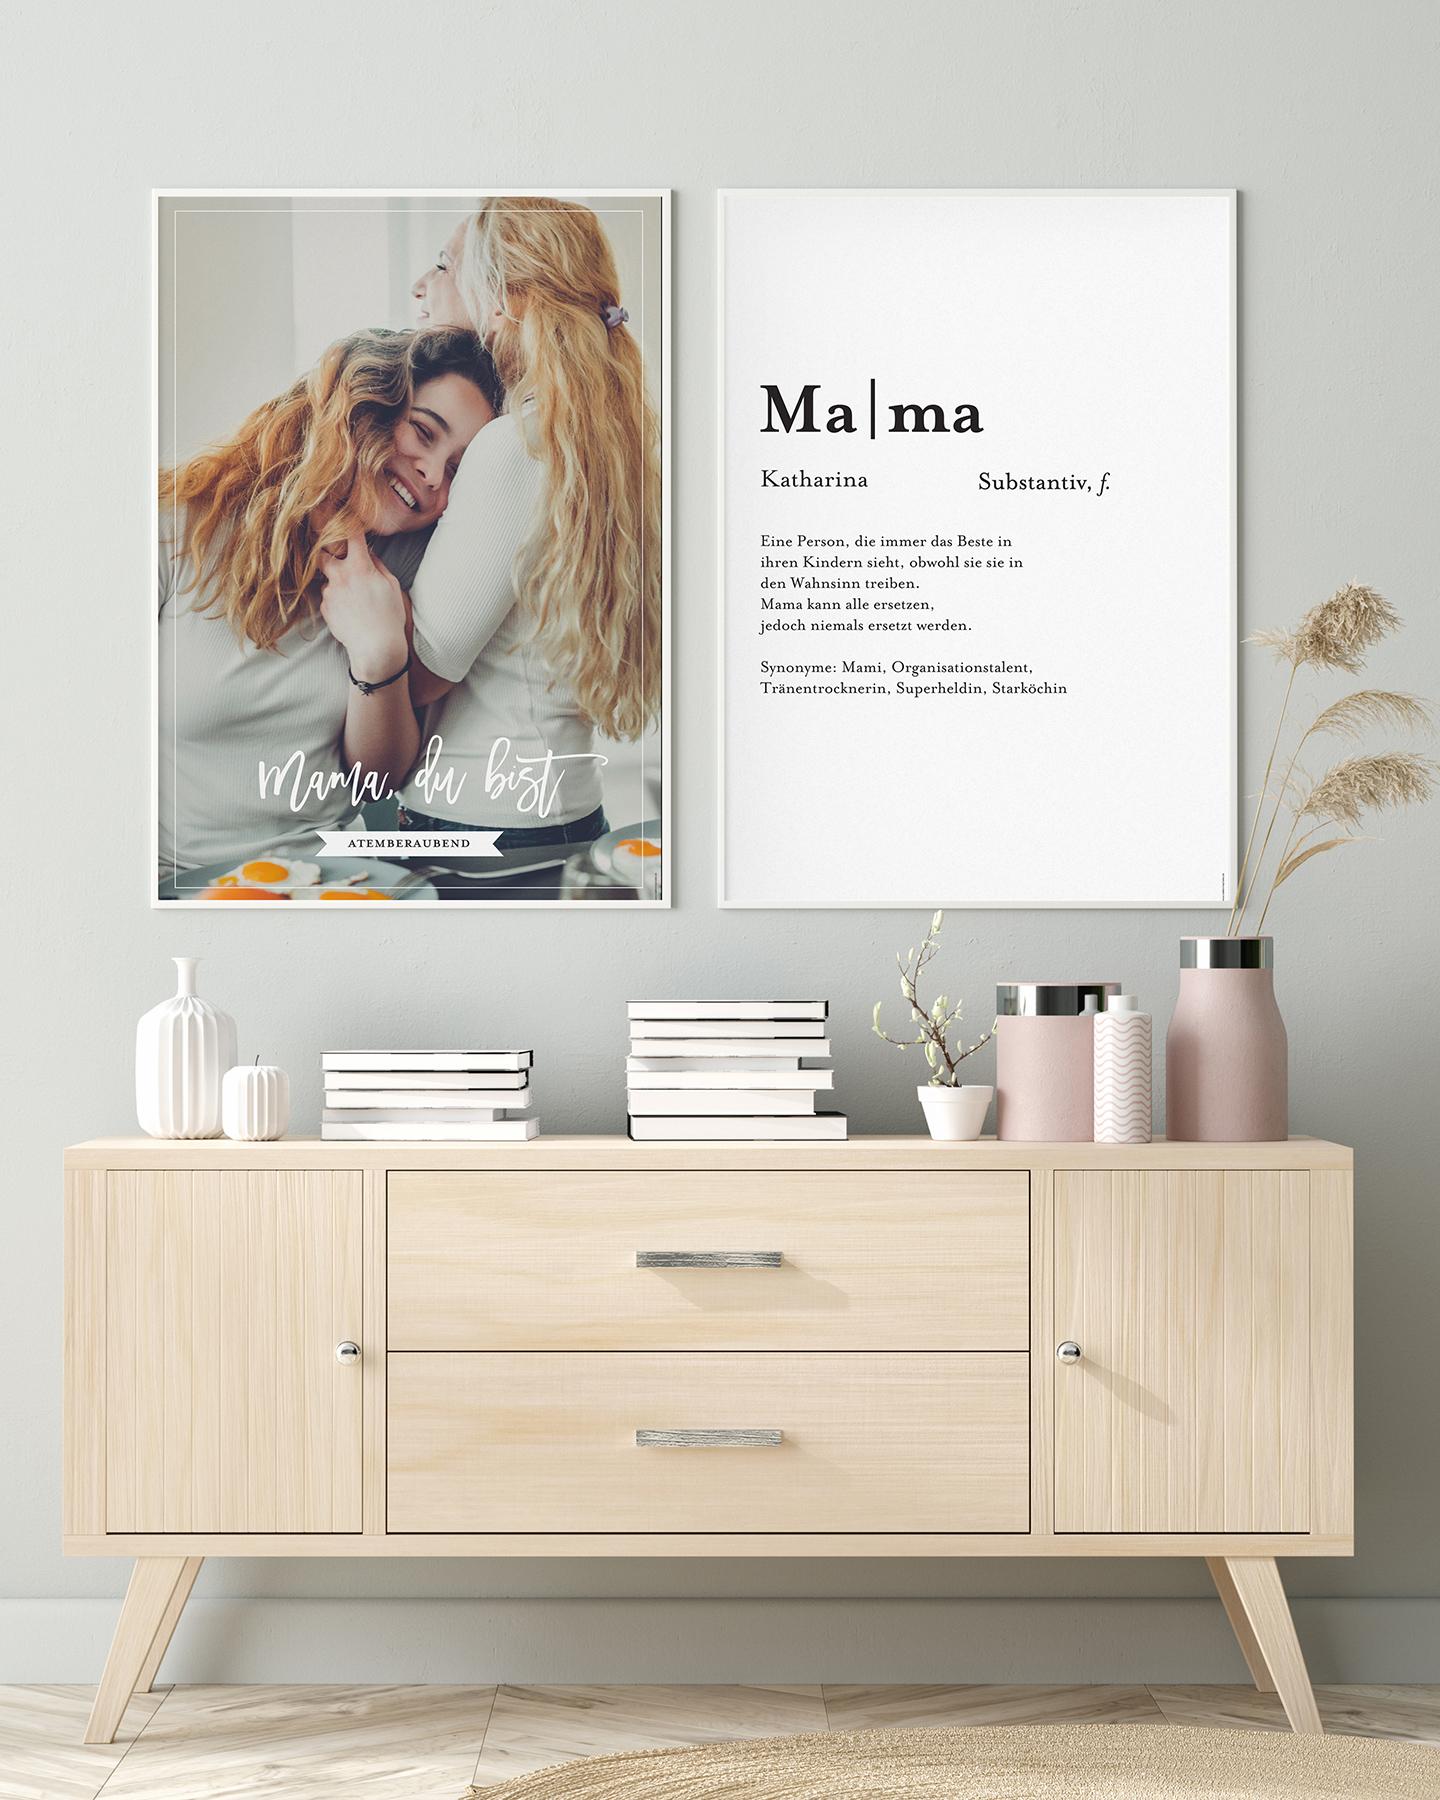 Geschenkidee zum Muttertag: Bild von sich umarmender Mama & Tochter hängen im Bilderrahmen über einer Holzkommode.